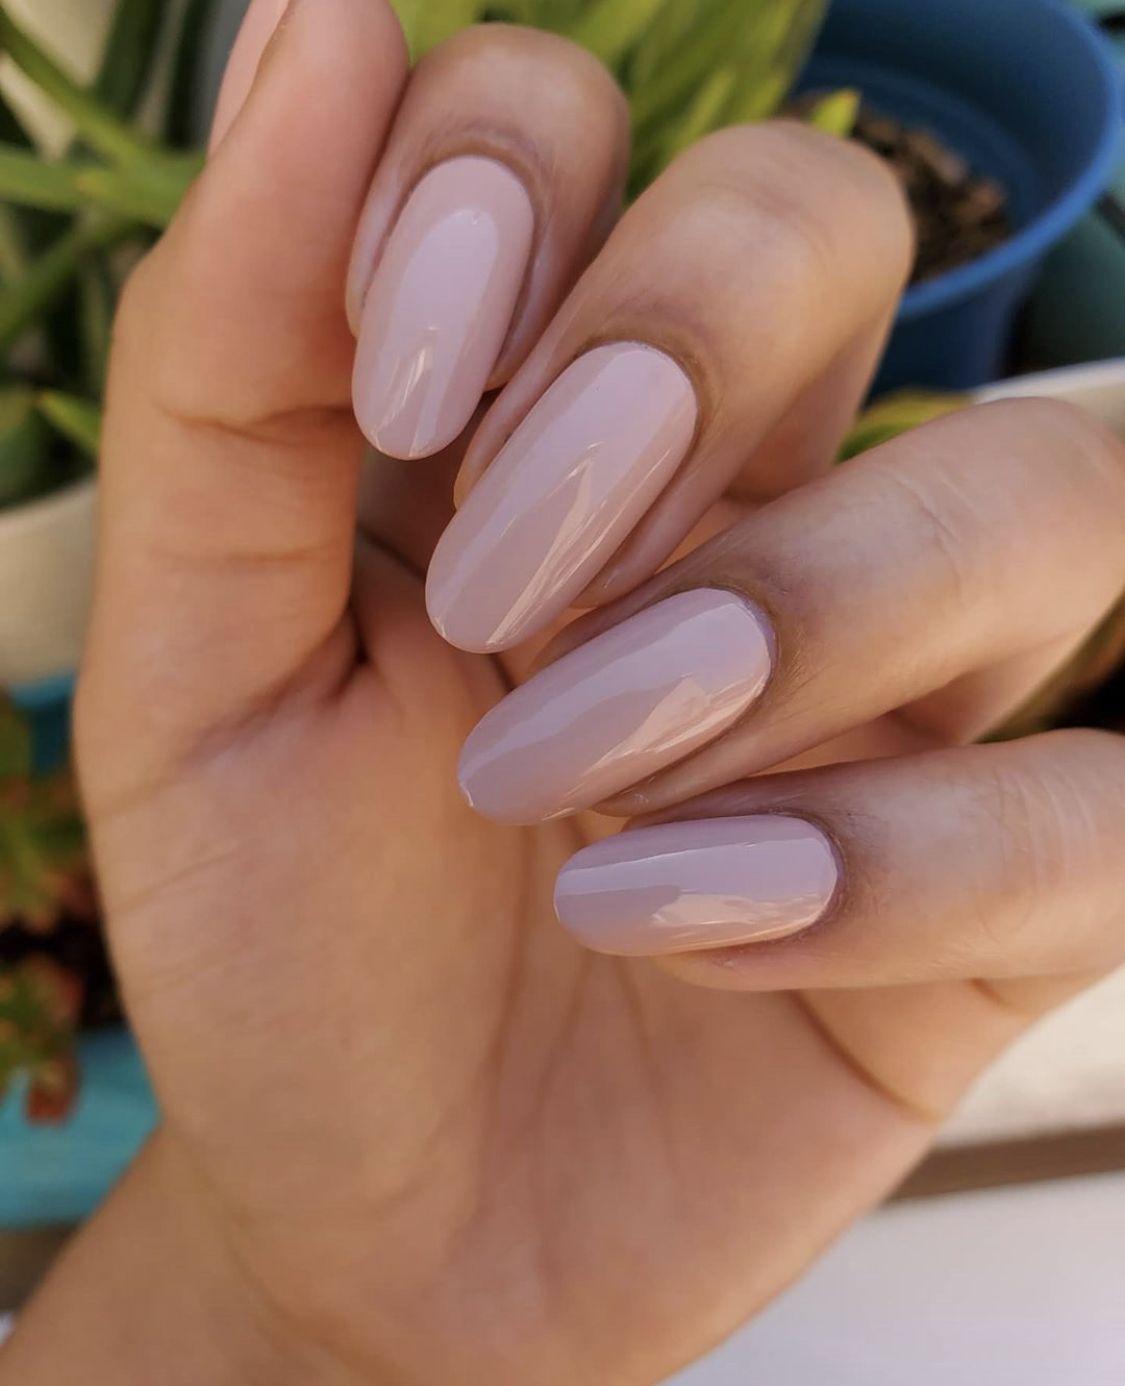 Light Pink Nail Polish In 2020 Light Pink Nail Polish Pink Nails Pink Nail Polish